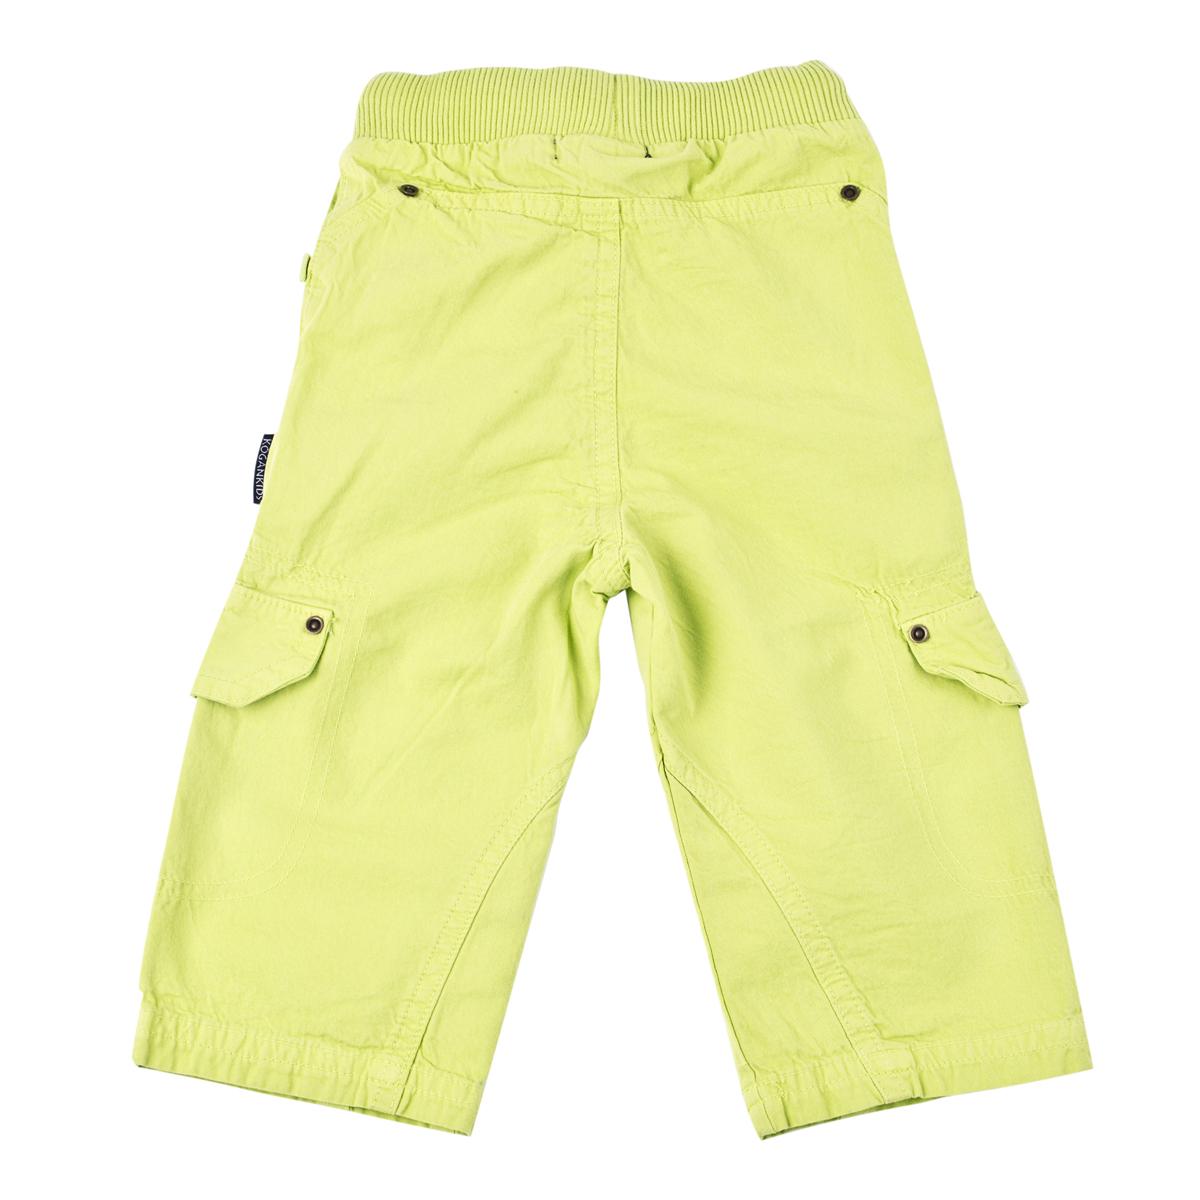 Размер брюк для мальчиков с доставкой